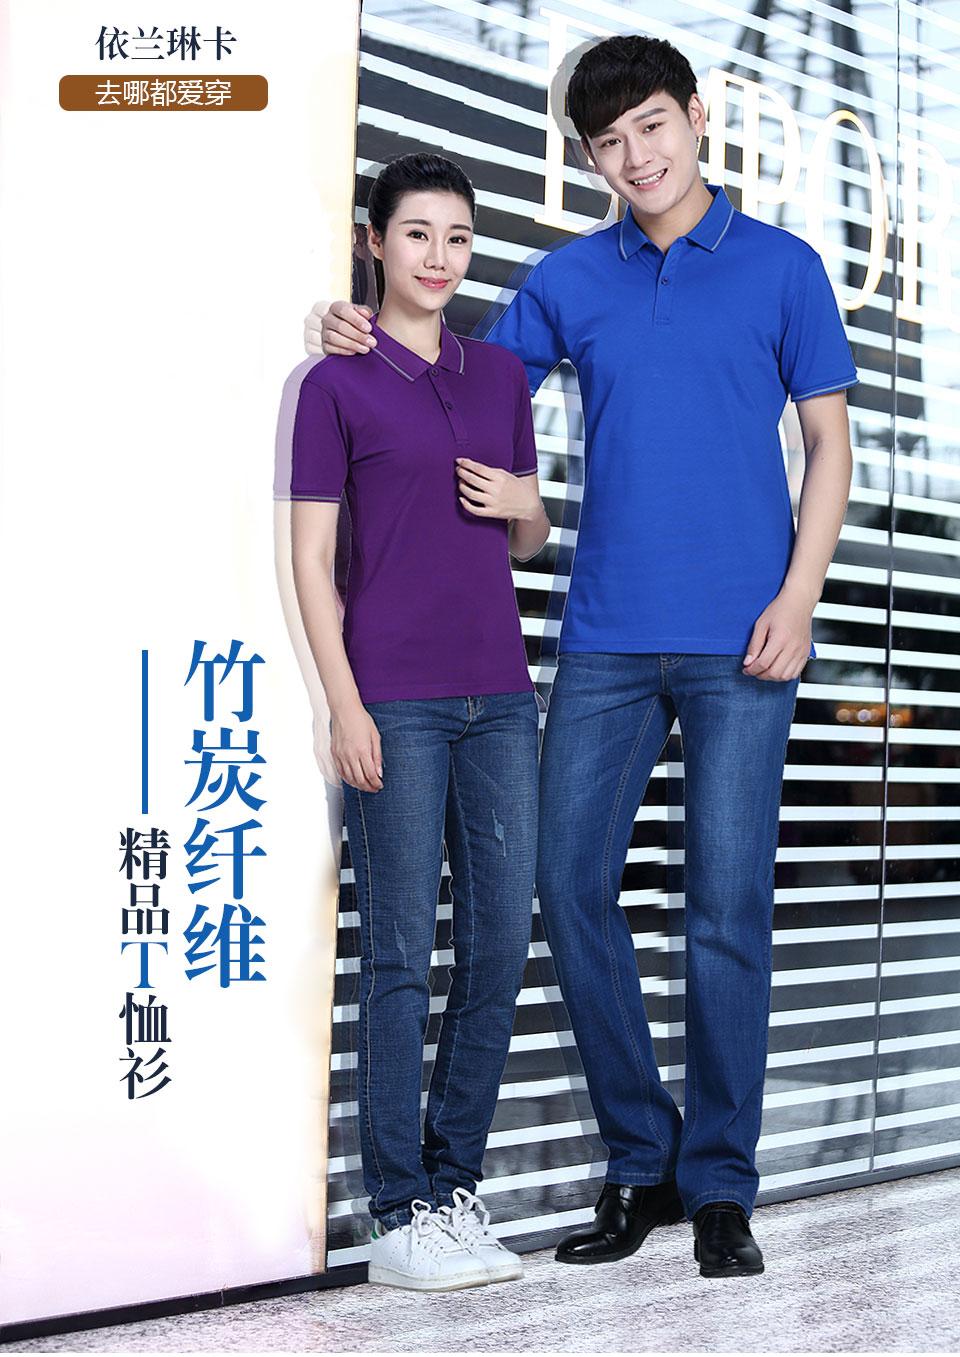 T恤衫设计时颜色如何搭配,T恤衫定制搭配技巧